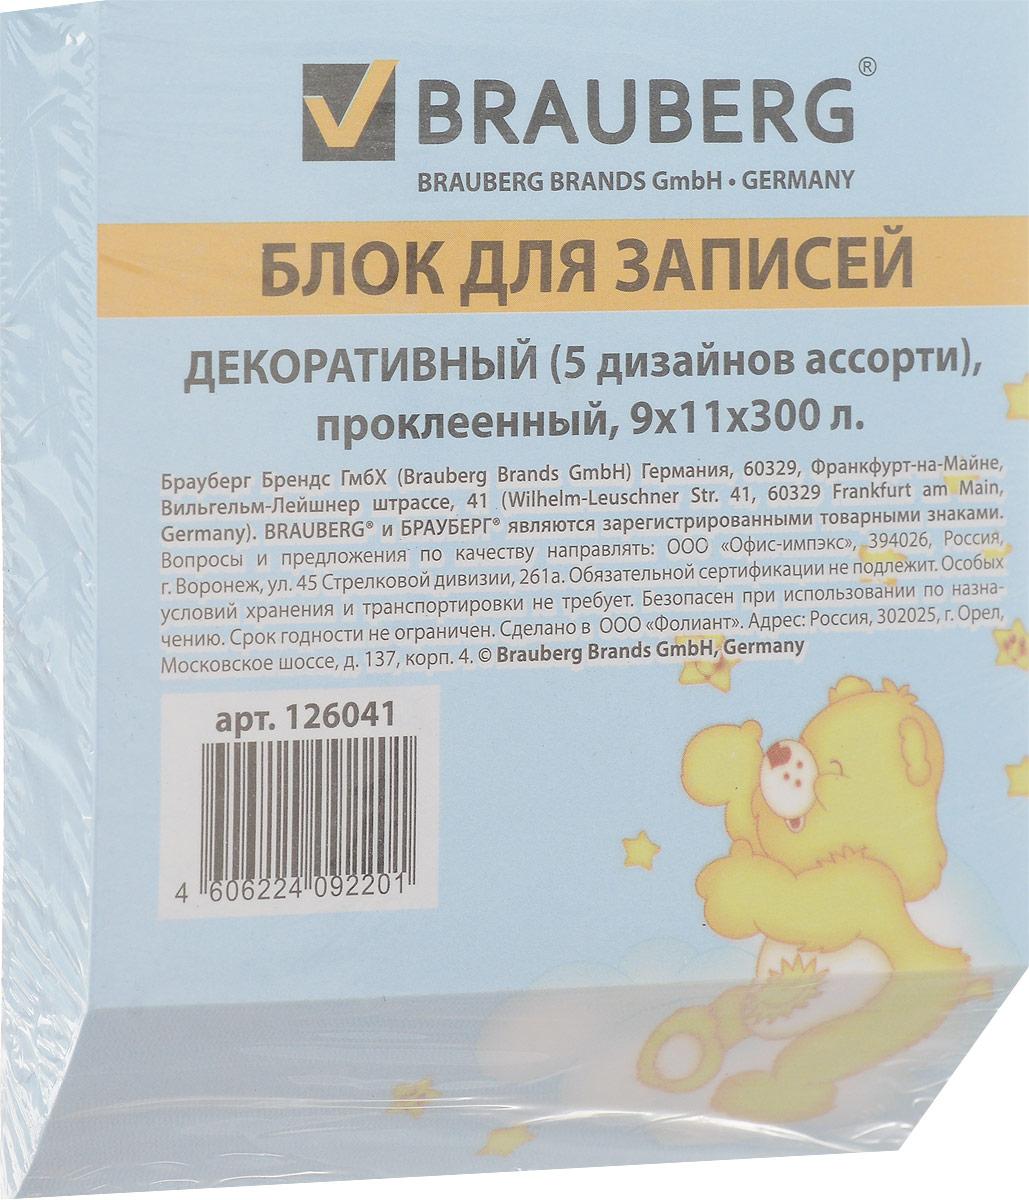 Brauberg Блок для записей Медведь 9 х 11 см 300 листов0703415Блок для записей Brauberg изготовлен из высококачественной офсетной бумаги. Идеально подходит для быстрой фиксации информации. Благодаря яркой цветовой гамме, современному дизайну и оригинальной конструкции вносит в развитие ребенка яркую ноту.